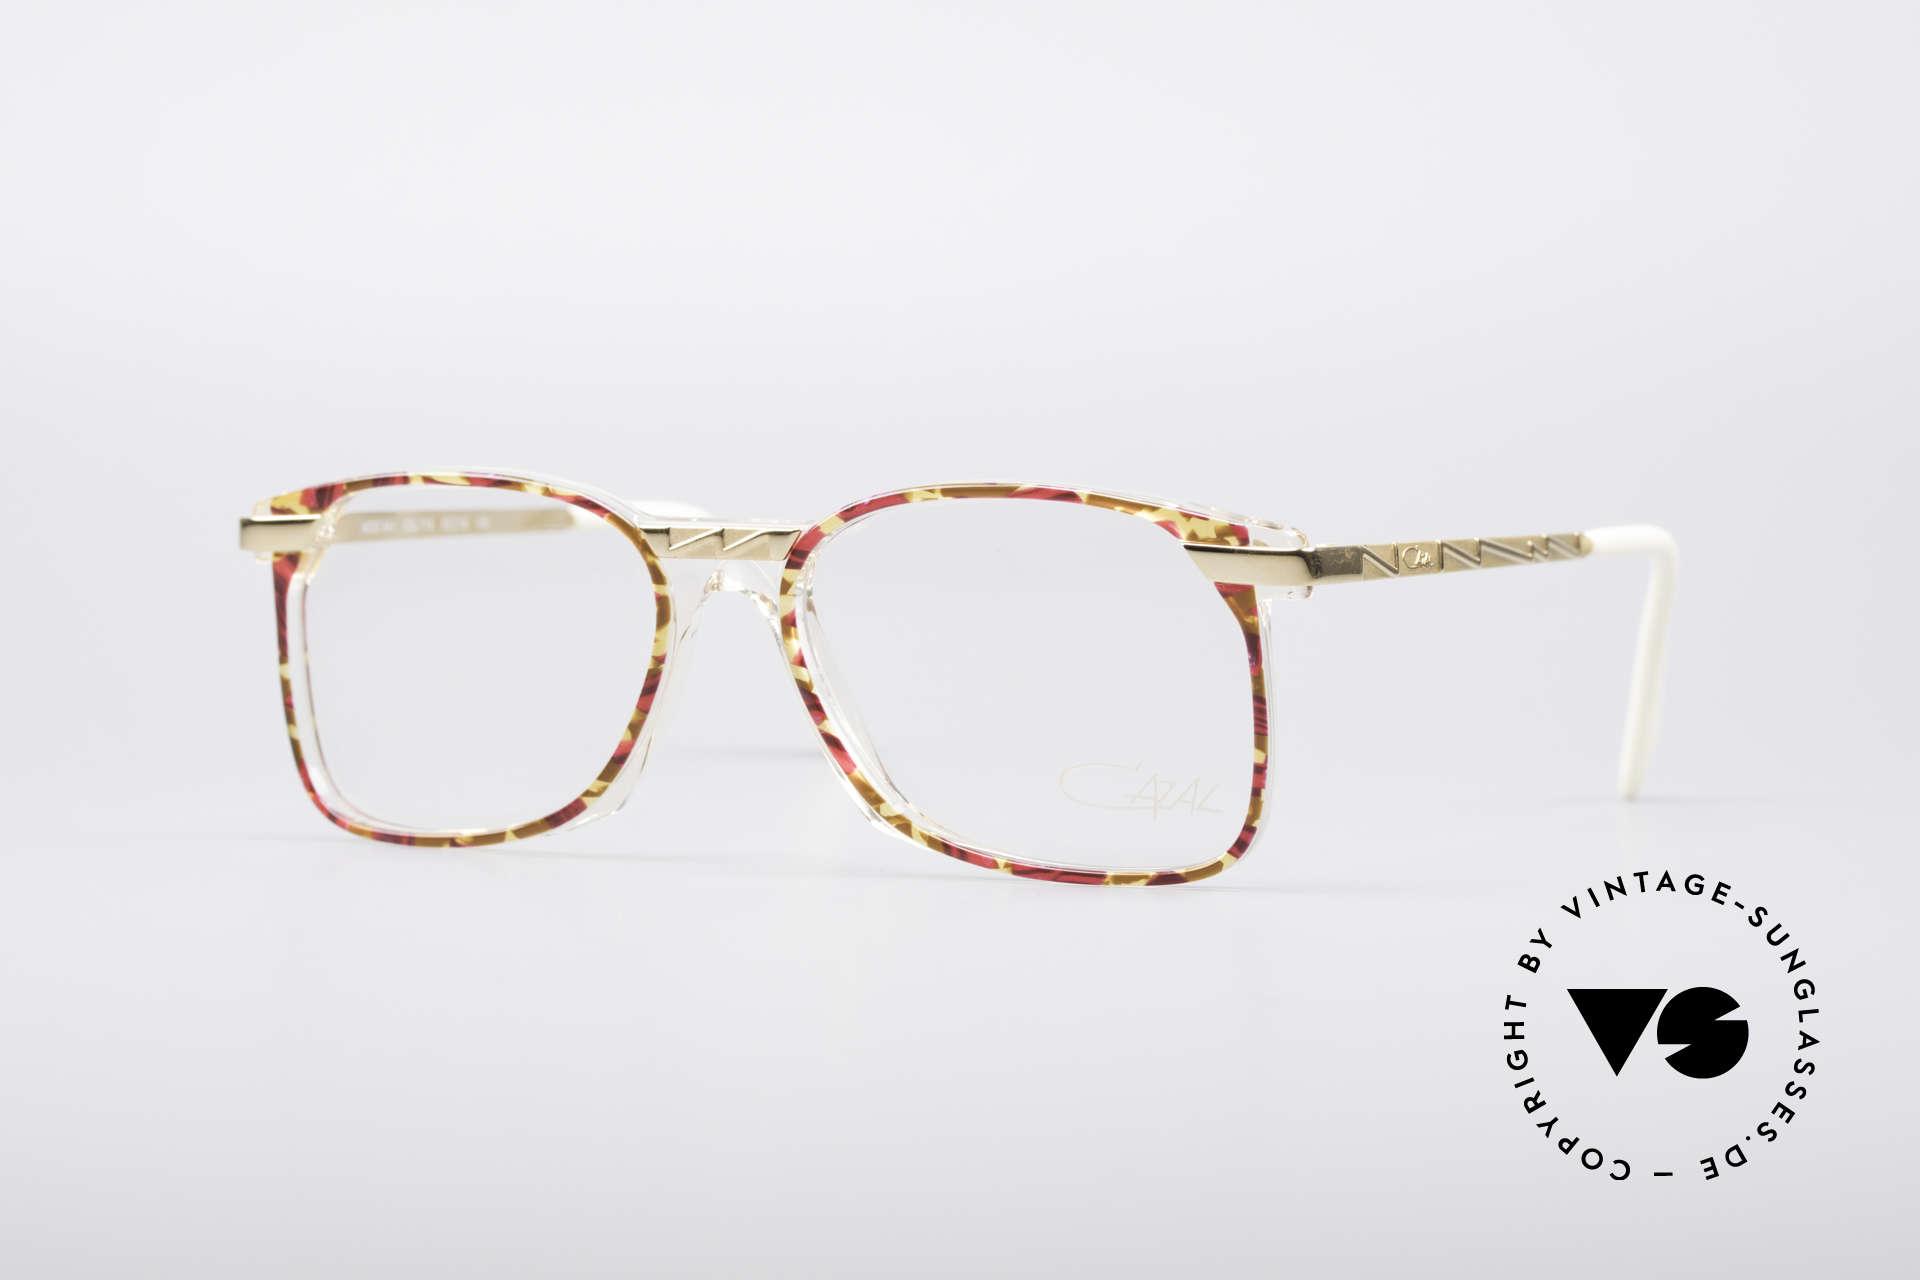 Cazal 341 Vintage No Retro Brille 90er, ausgefallenes Brillendesign von CAZAL (um 1990), Passend für Damen